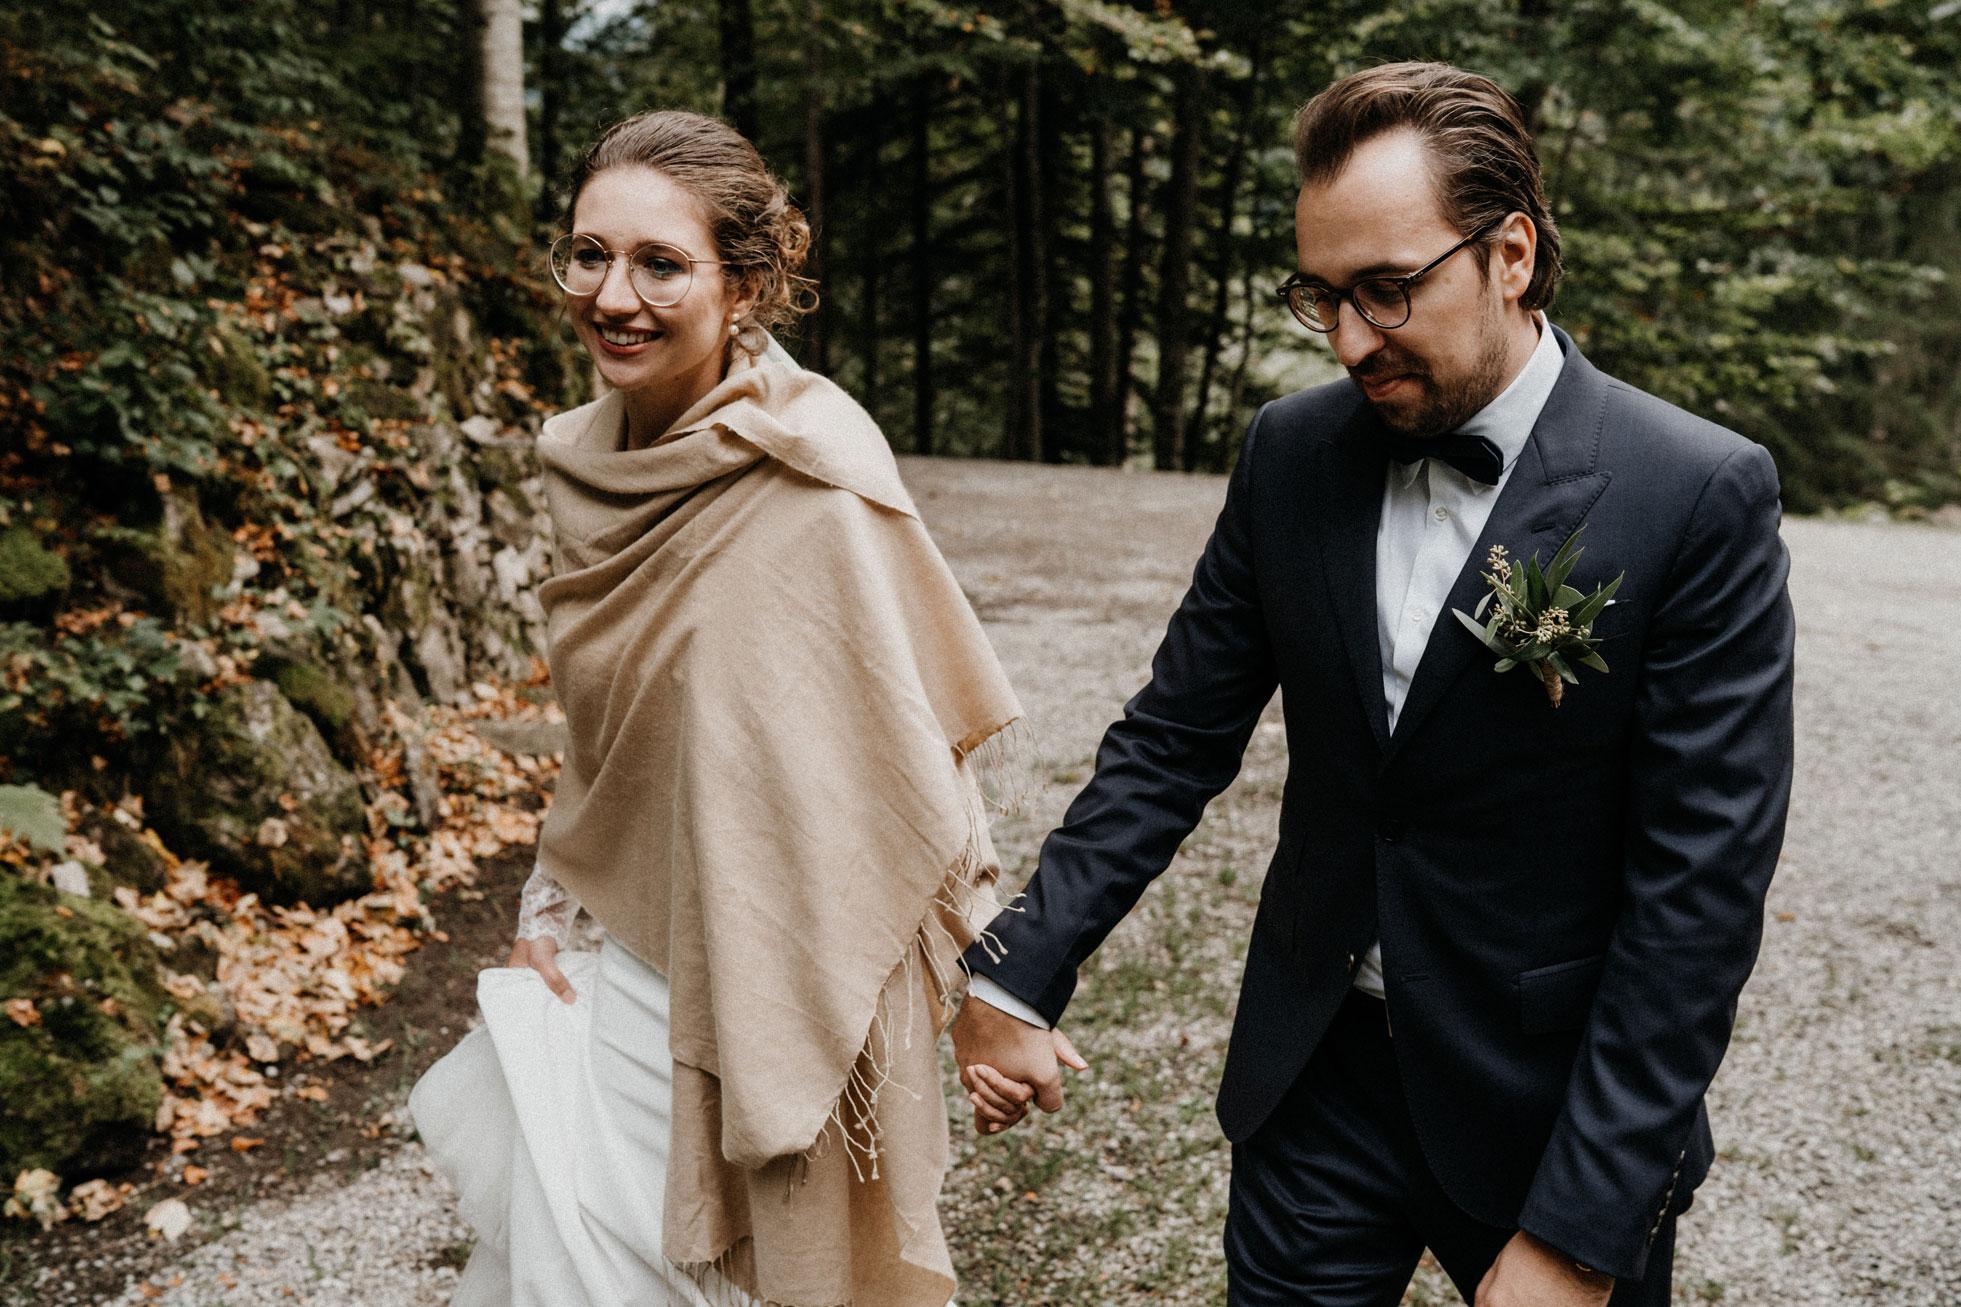 Hochzeit_Claire_Manuel_Villa_Maund_Daniel_Jenny-359.jpg